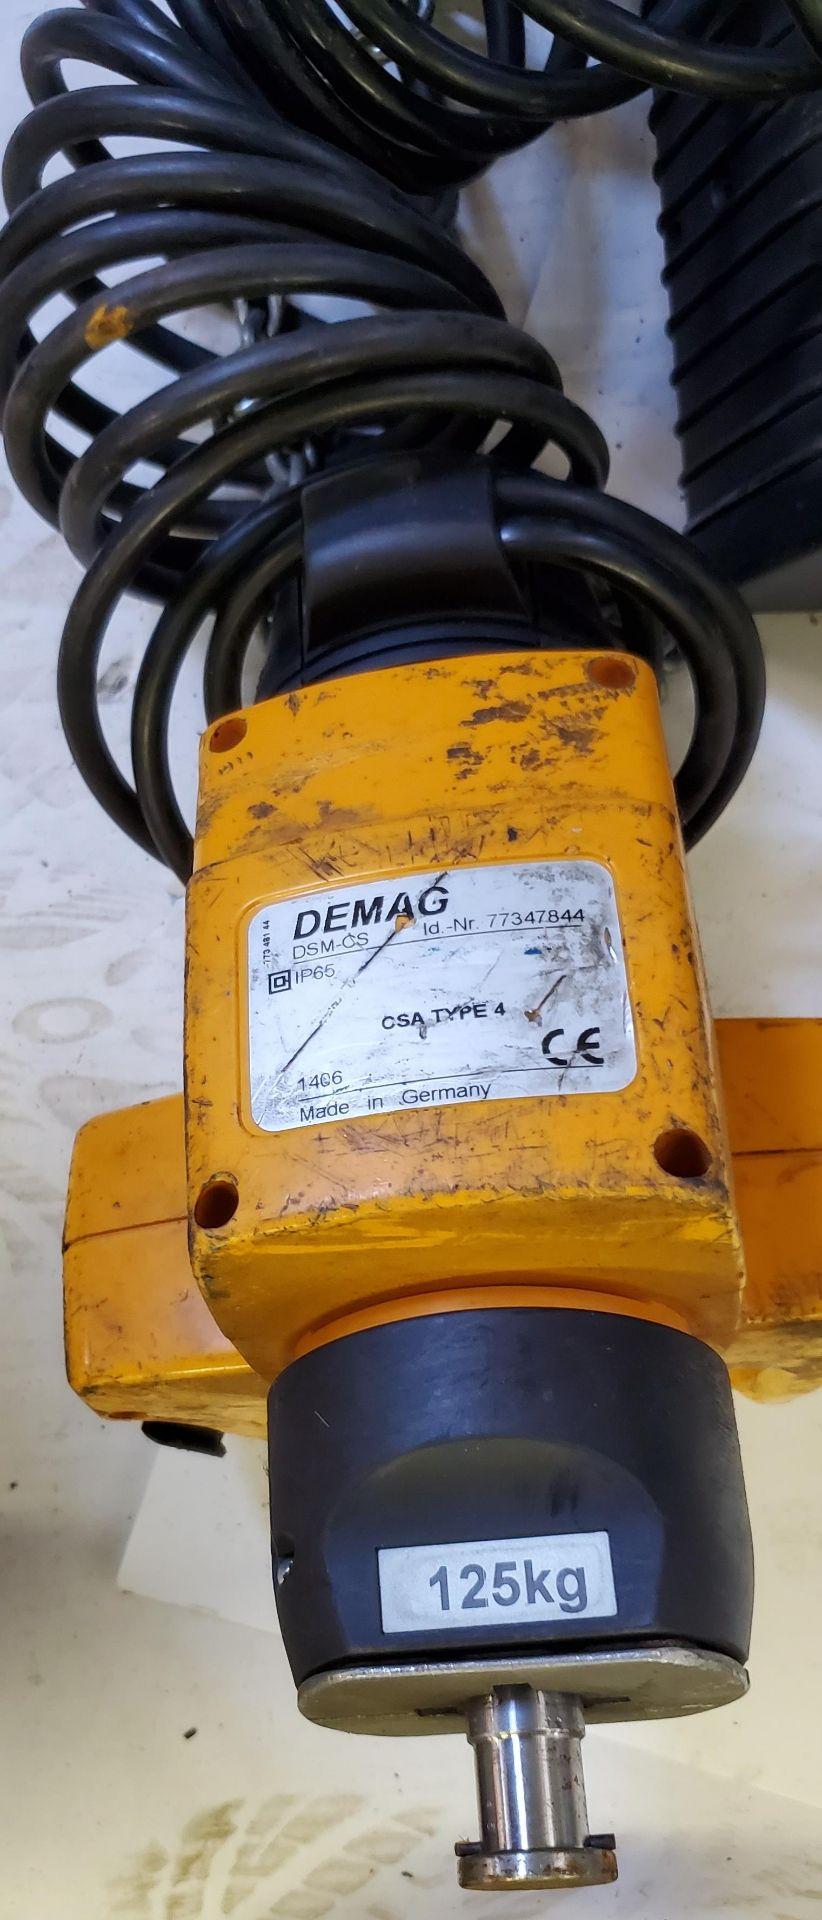 Lot 483 - Demag Pro Manulift with DSM-CS Control 125 kg, 3 phase, 380/480 v